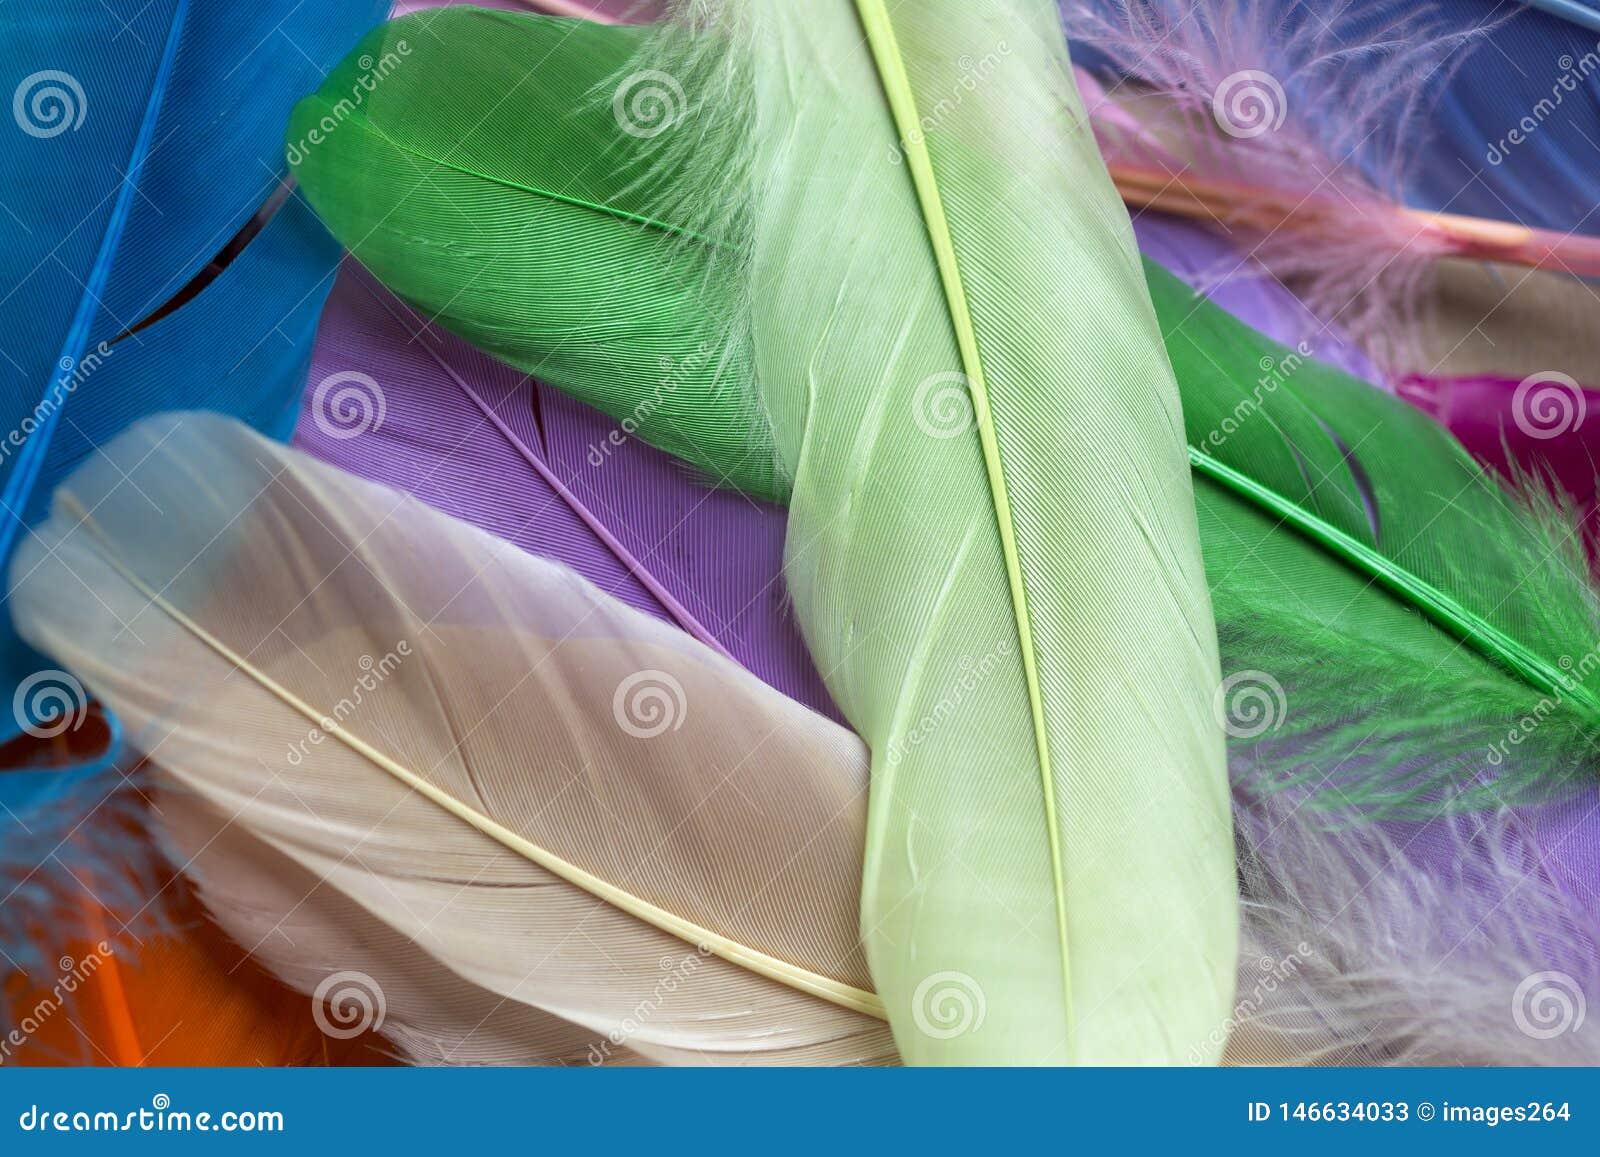 Clavettes color?es